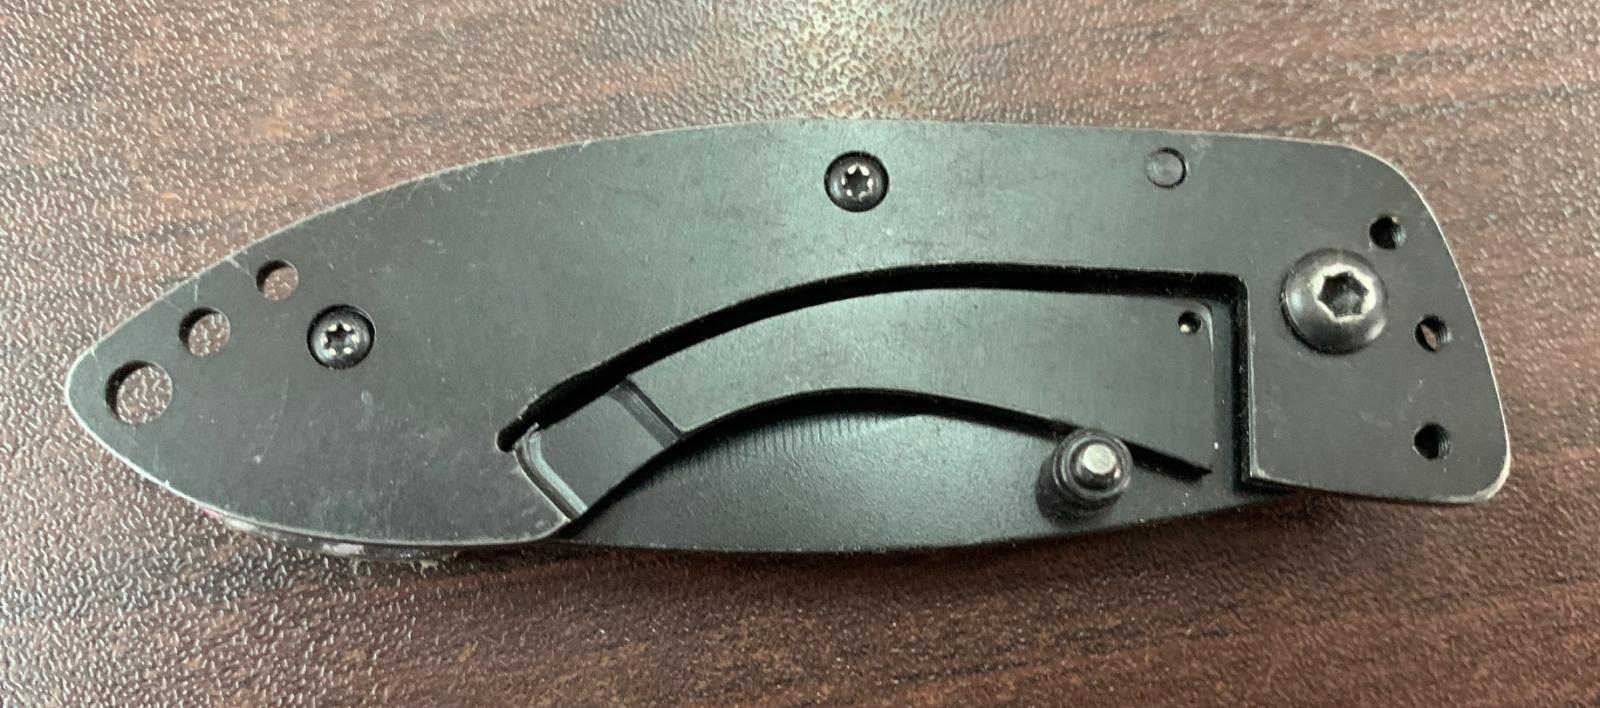 Складной оригинальный нож Moon Shine